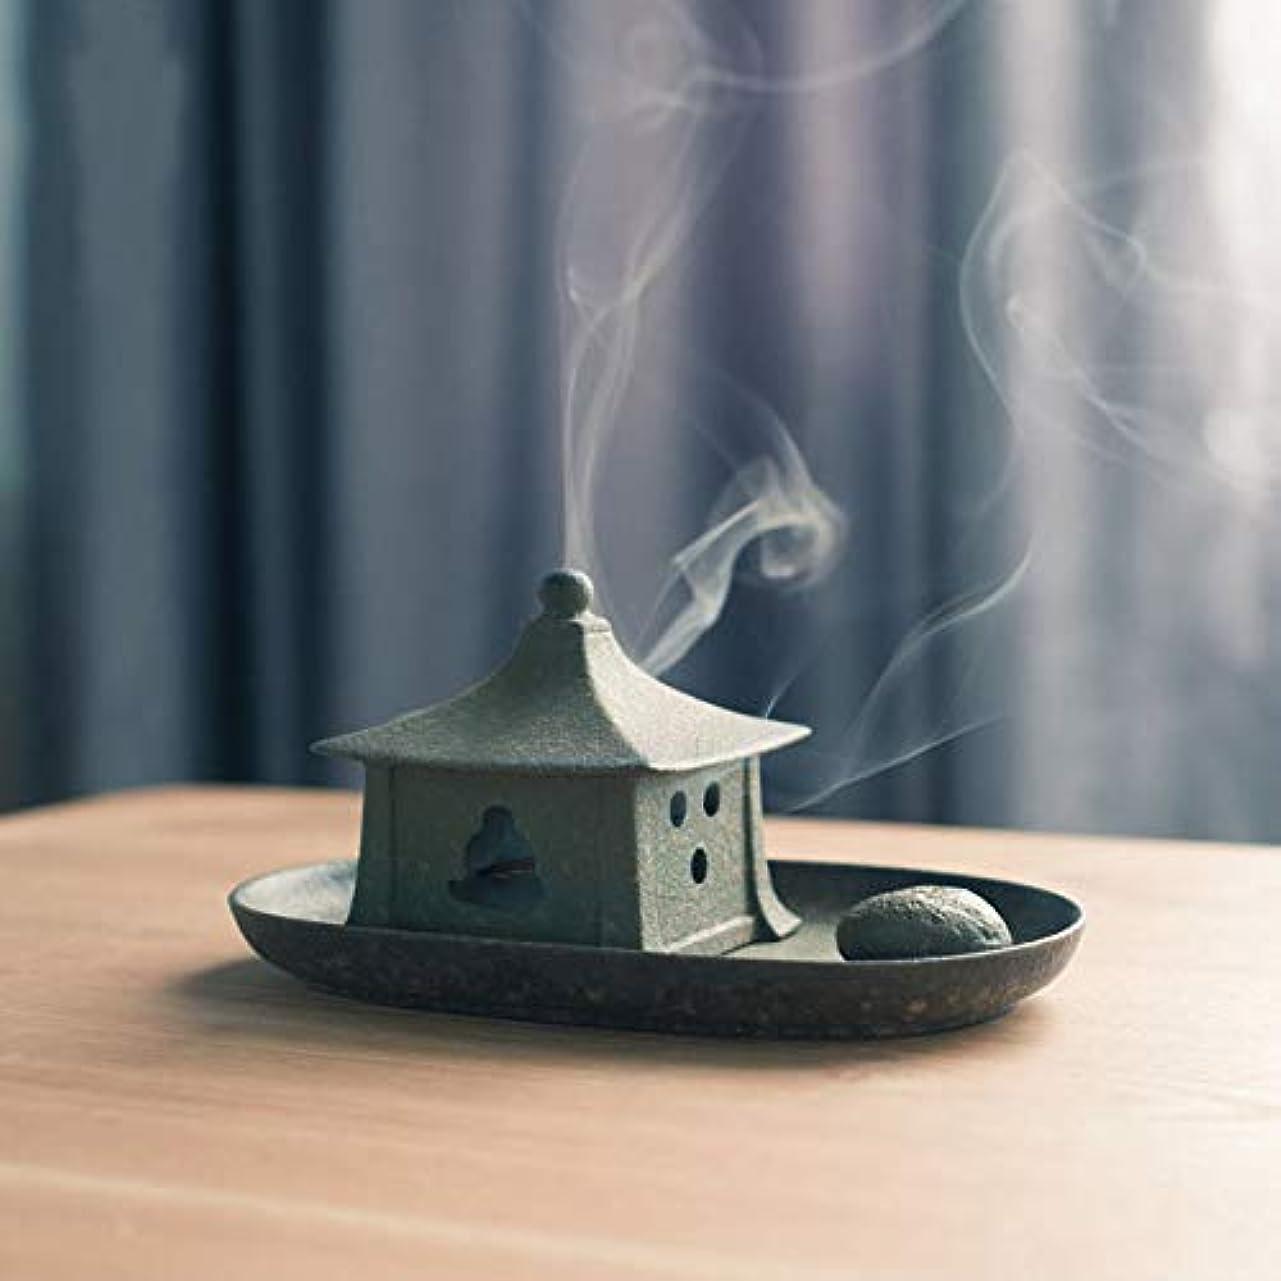 ステーキお別れ活発PHILOGOD 陶器香炉 クリエイティブスタイリング 渦巻き線香立て 仏壇用 香置物 香皿